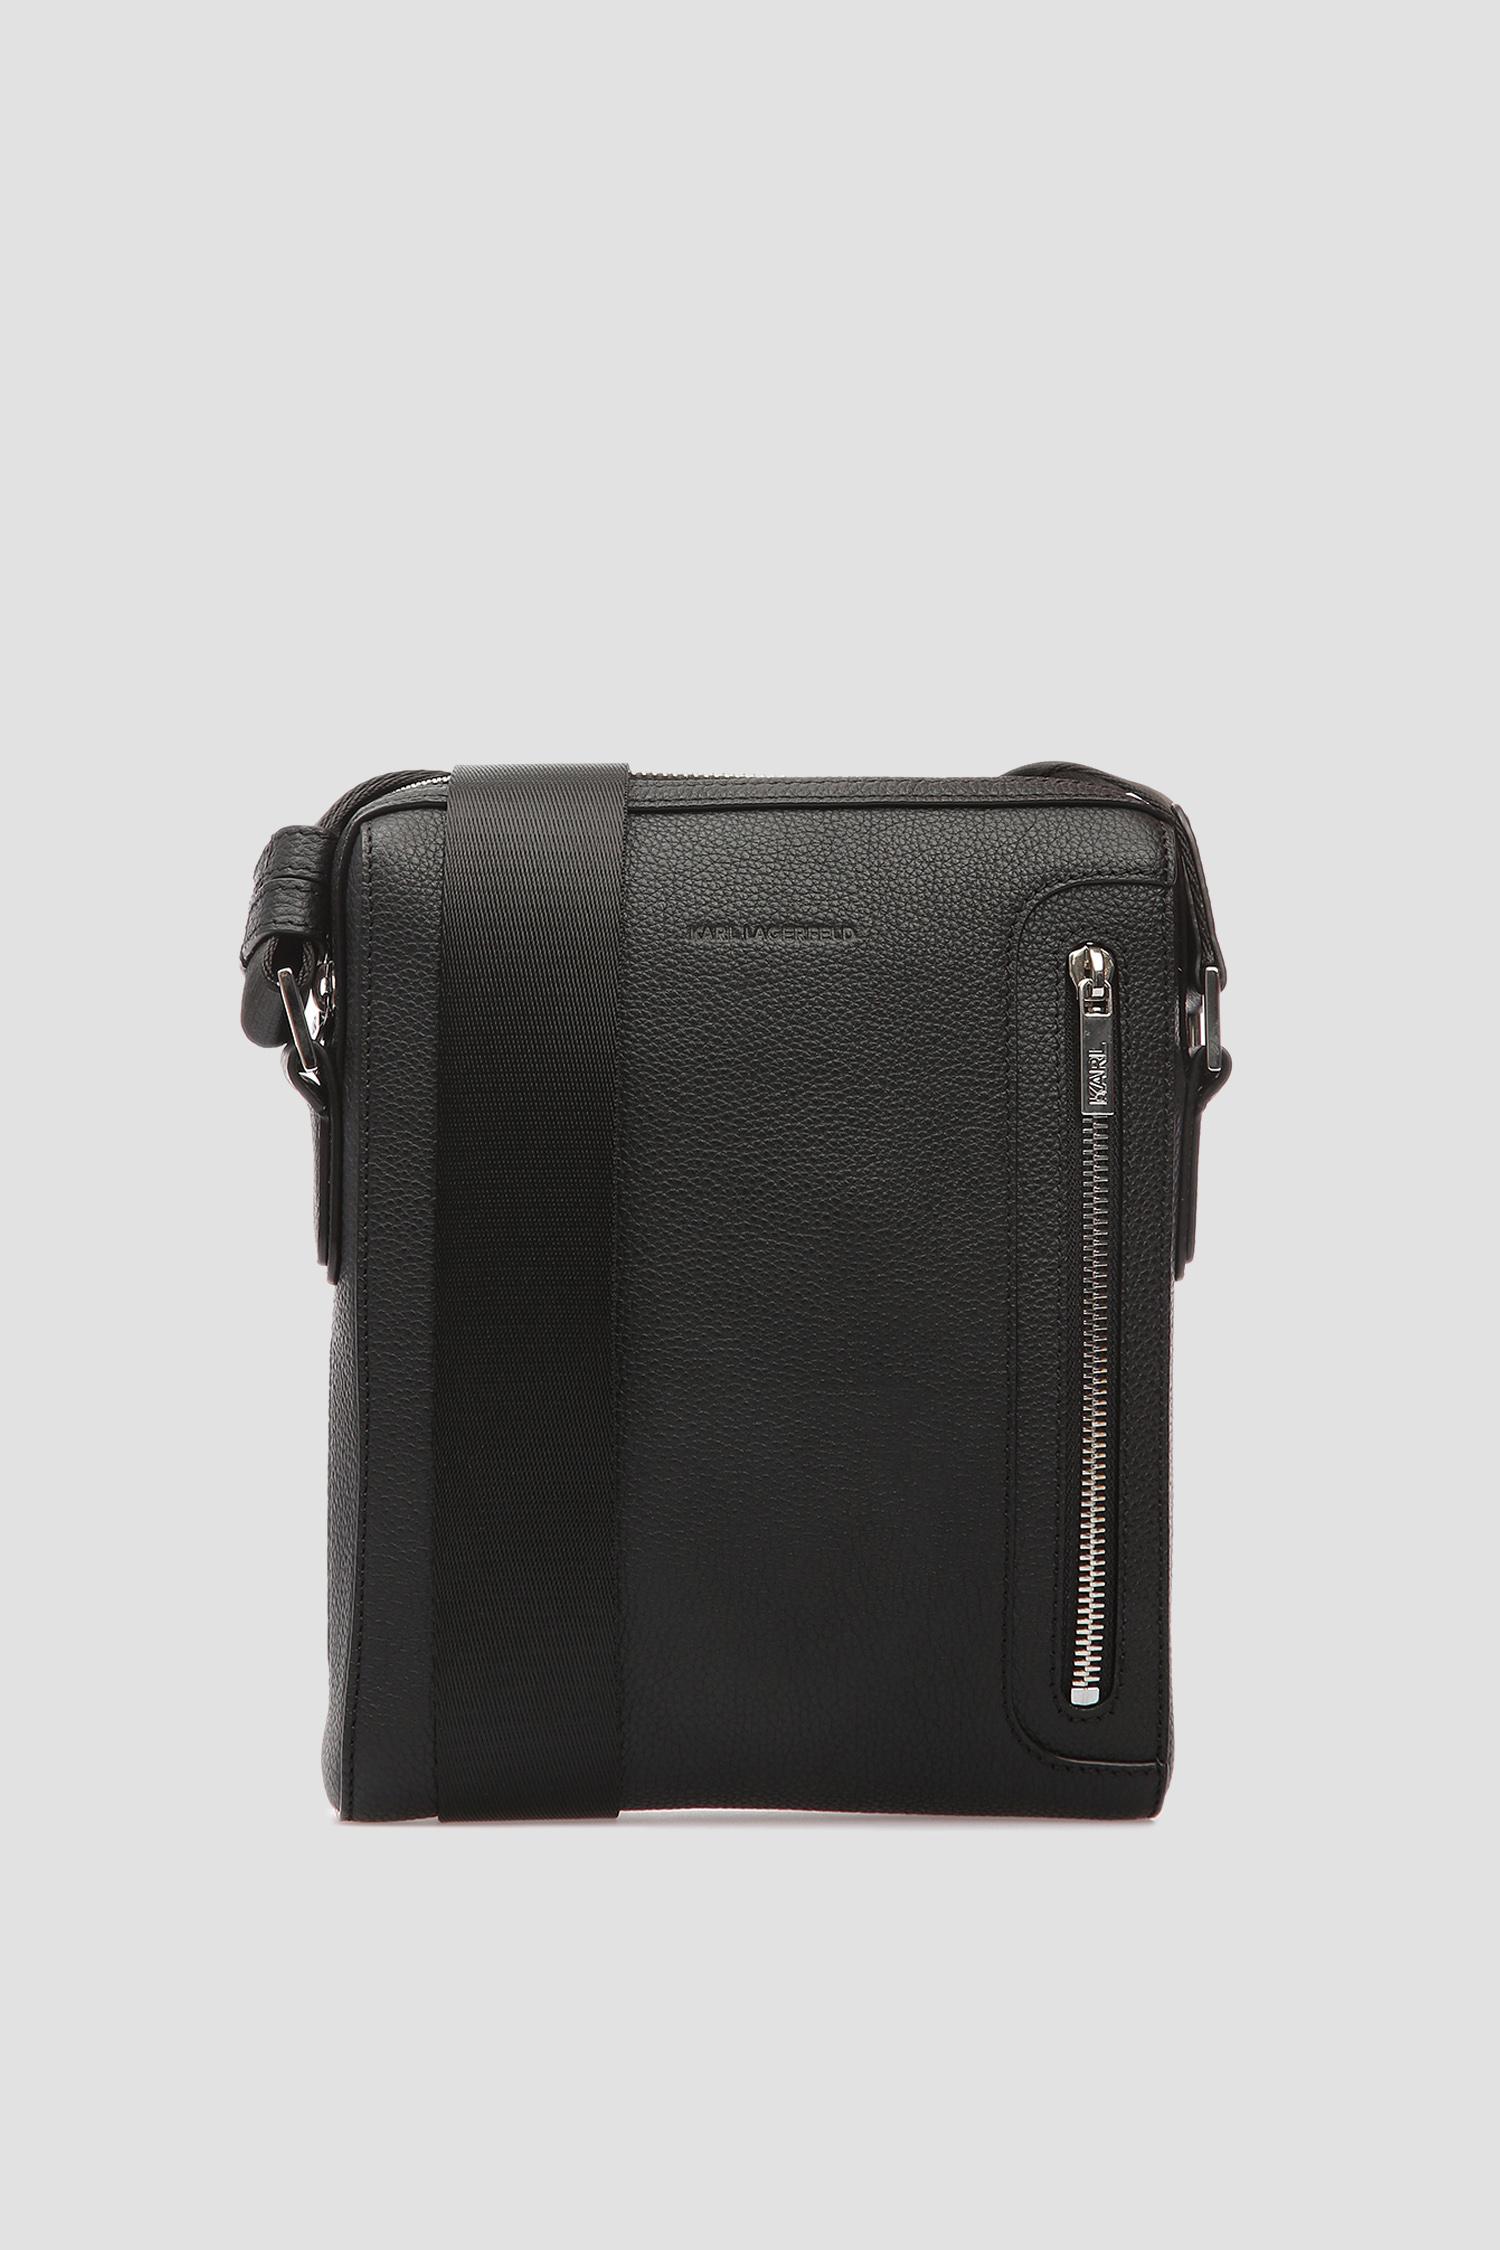 Чоловіча чорна шкіряна сумка через плече Karl Lagerfeld 591462.815409;990